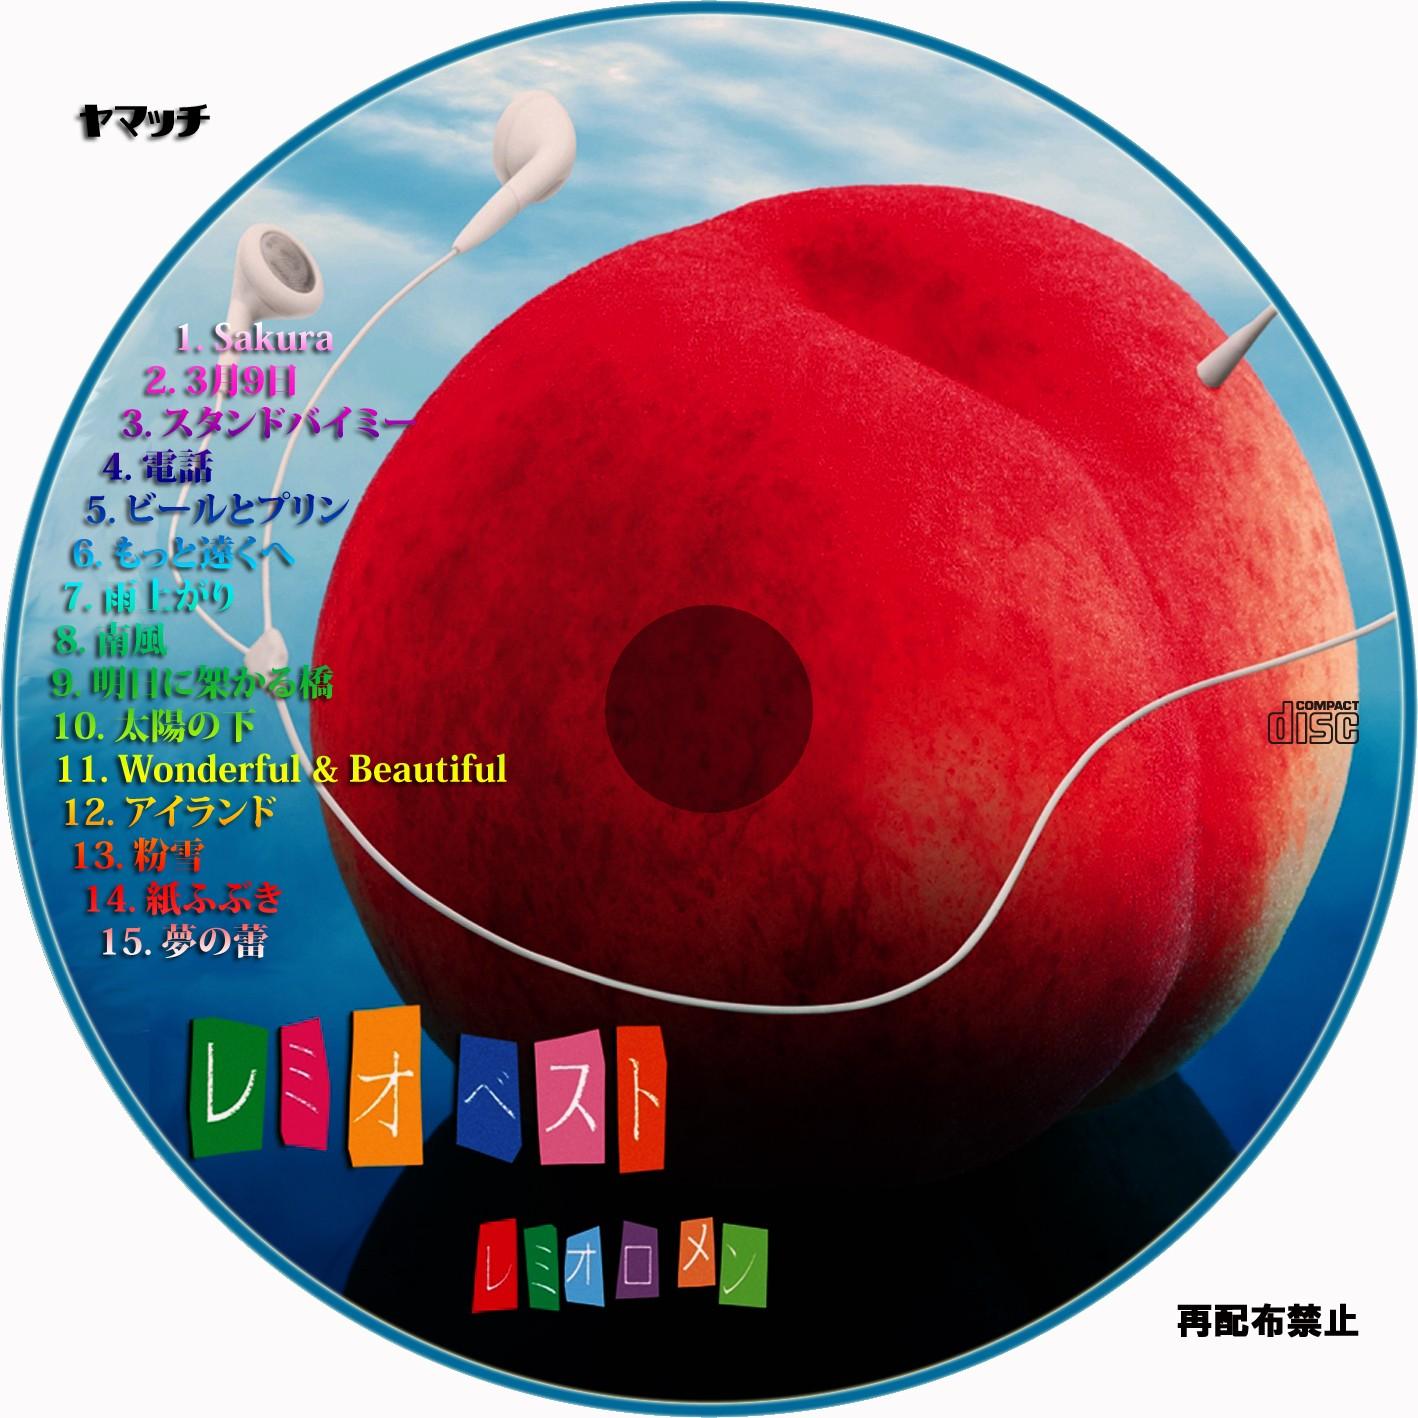 やまっちのCD/DVDレーベル ... : 名前 ラベル 印刷 : 印刷